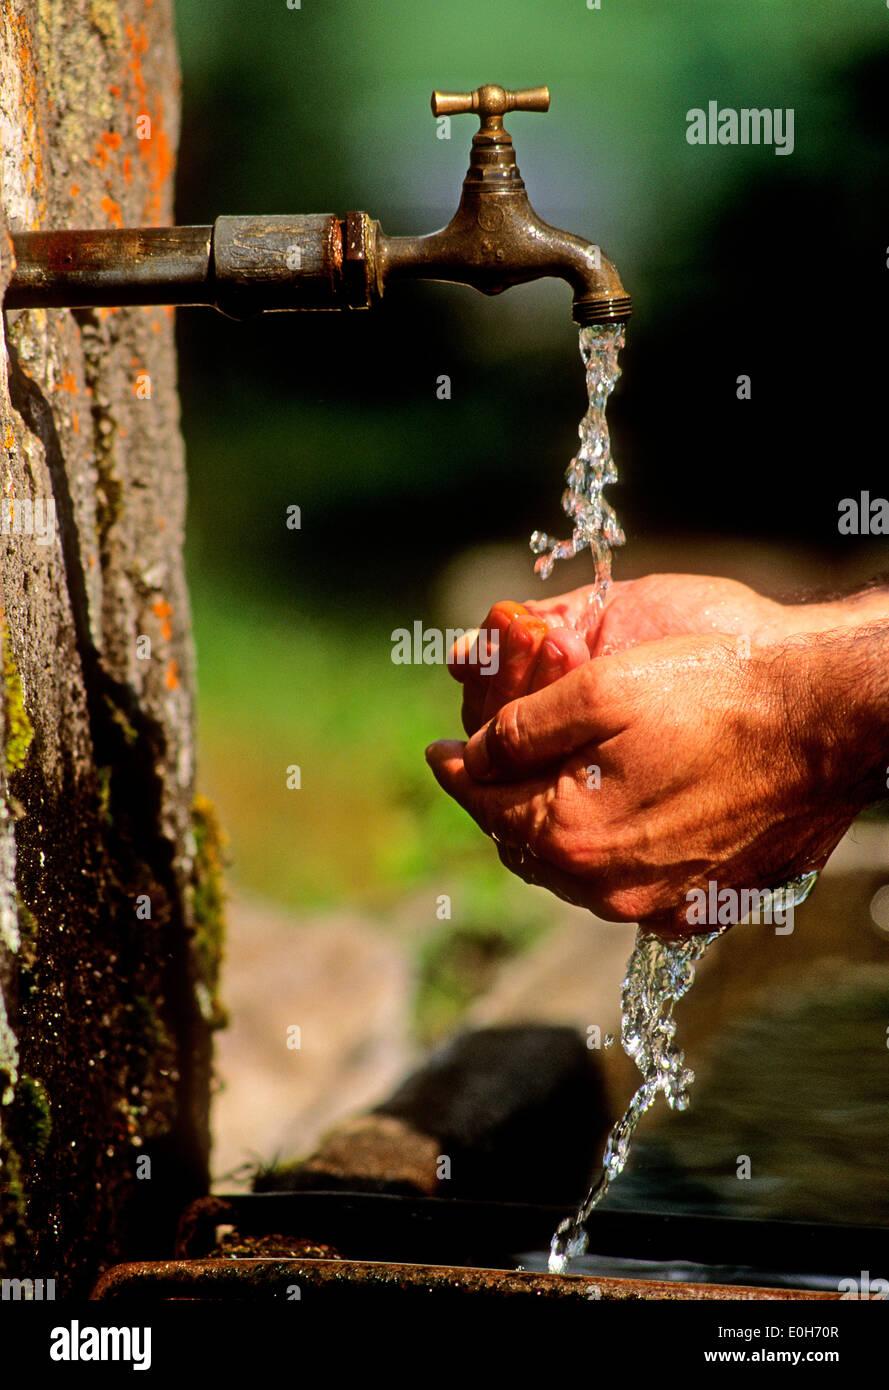 Waschen der Hände bei der äußeren Tippen im Garten Stockbild